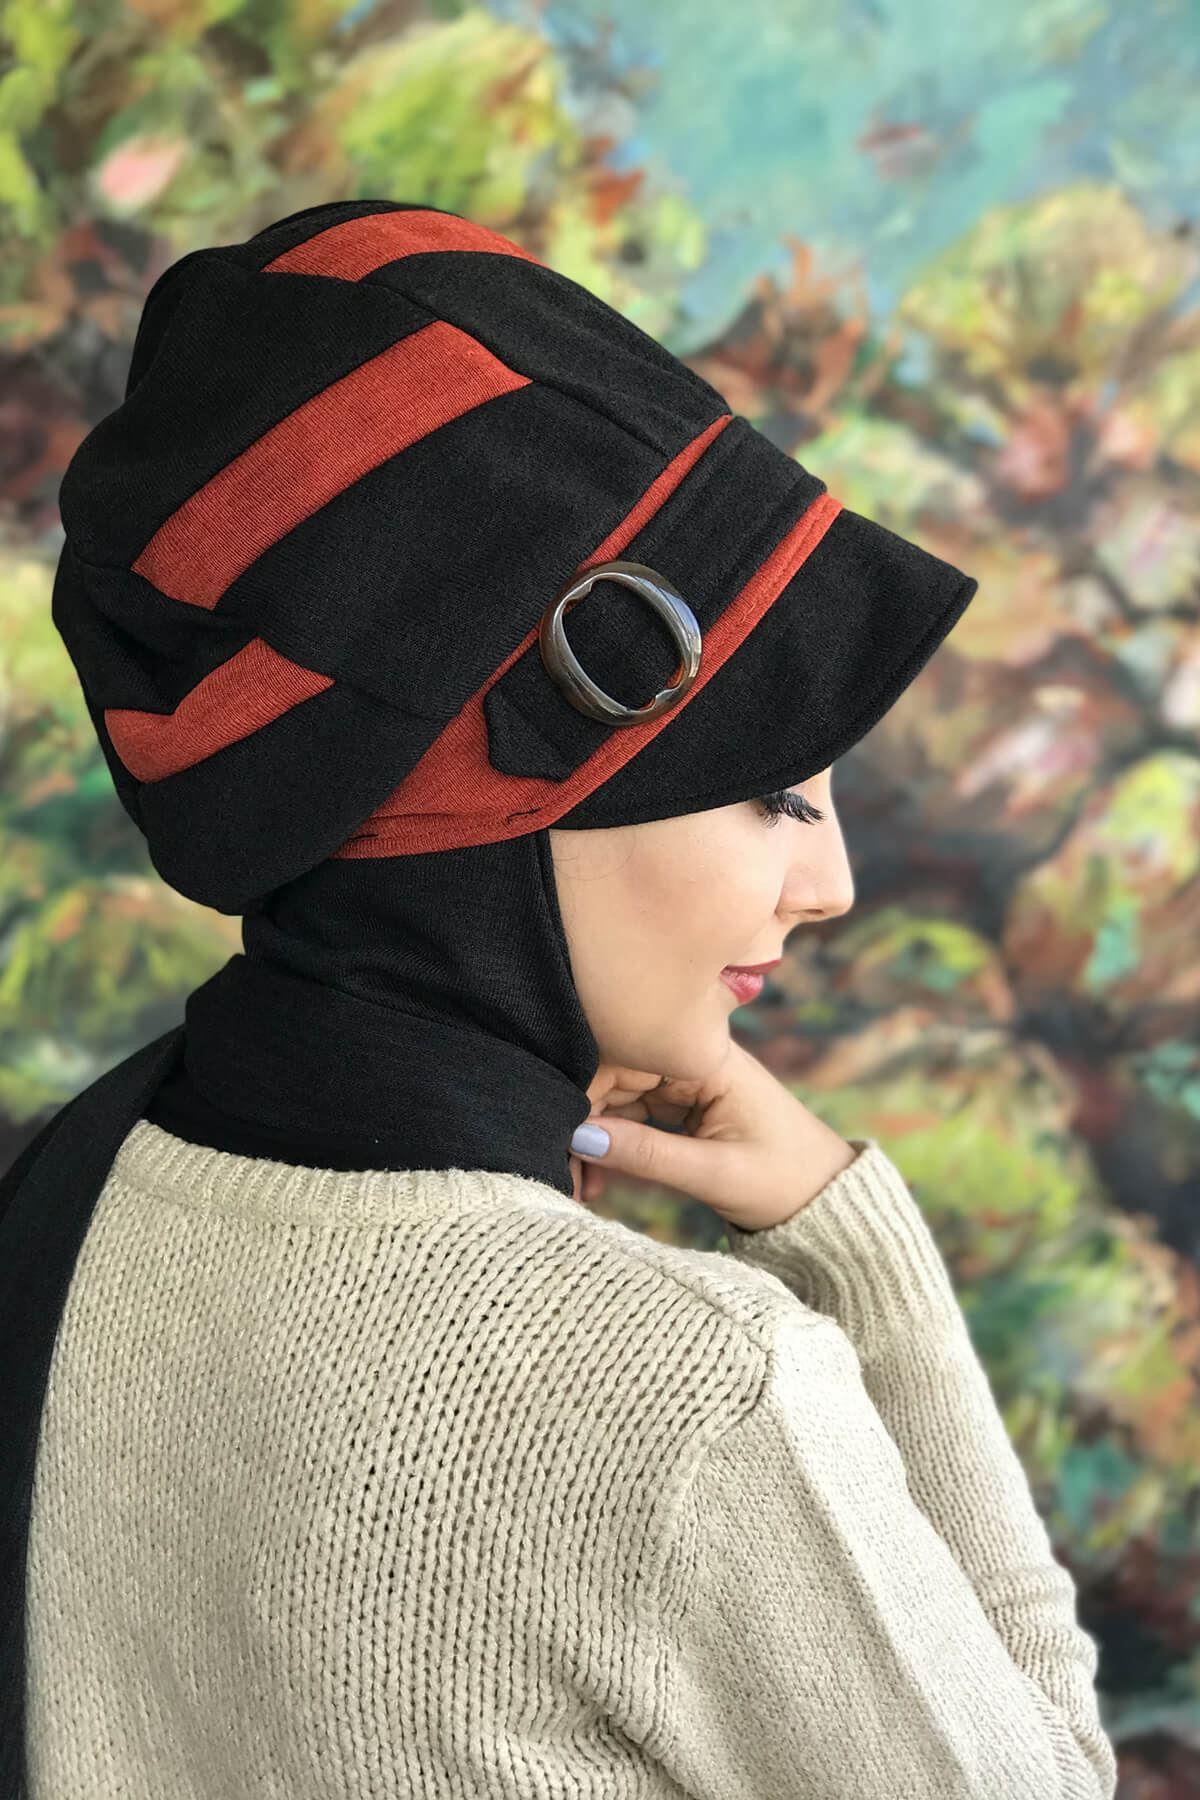 Siyah Tokalı Atkılı Tarçın Bakır Şapka